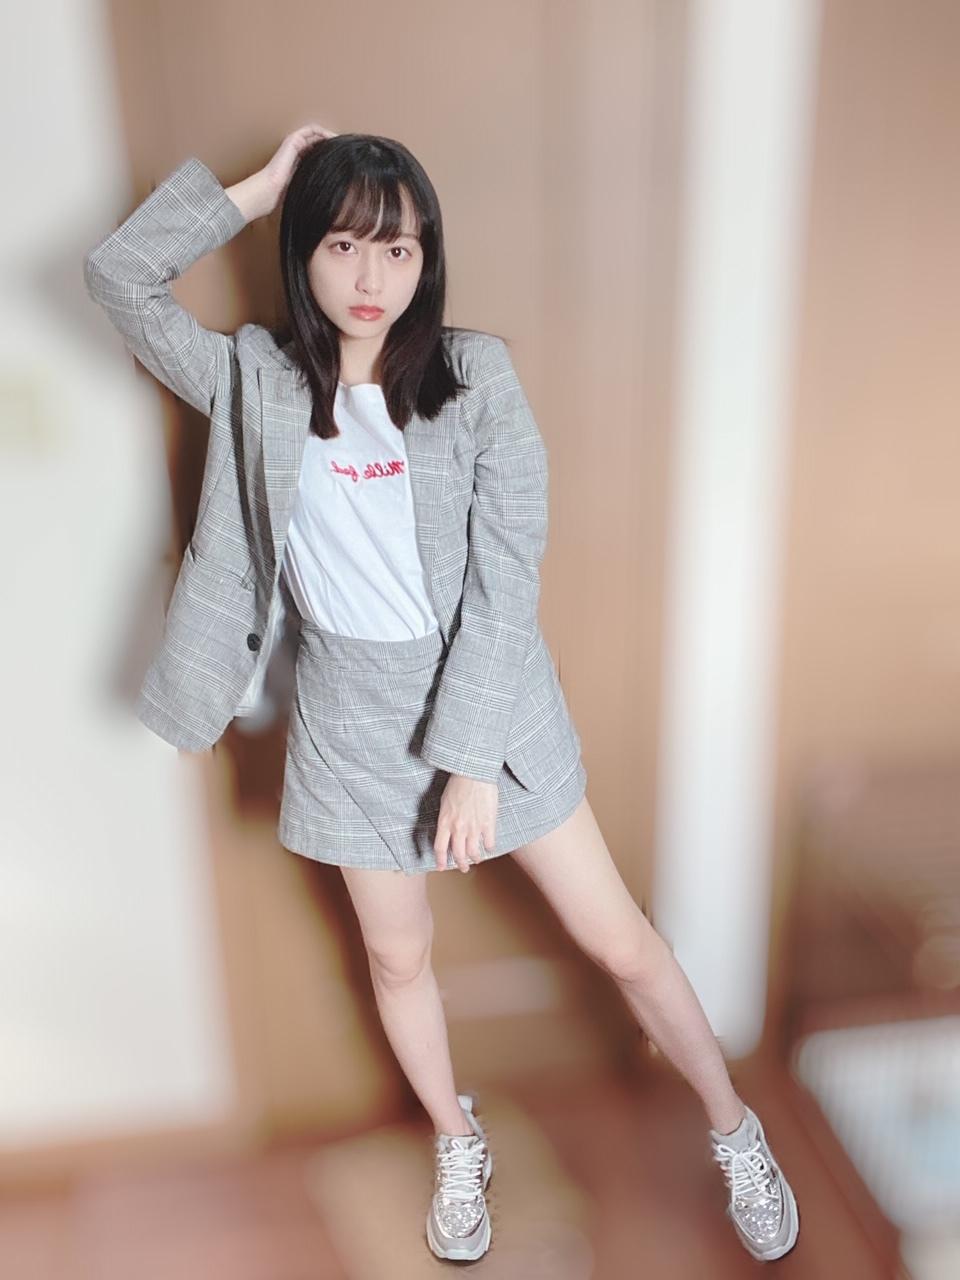 影山優佳ちゃんの「てぃーけーじー」